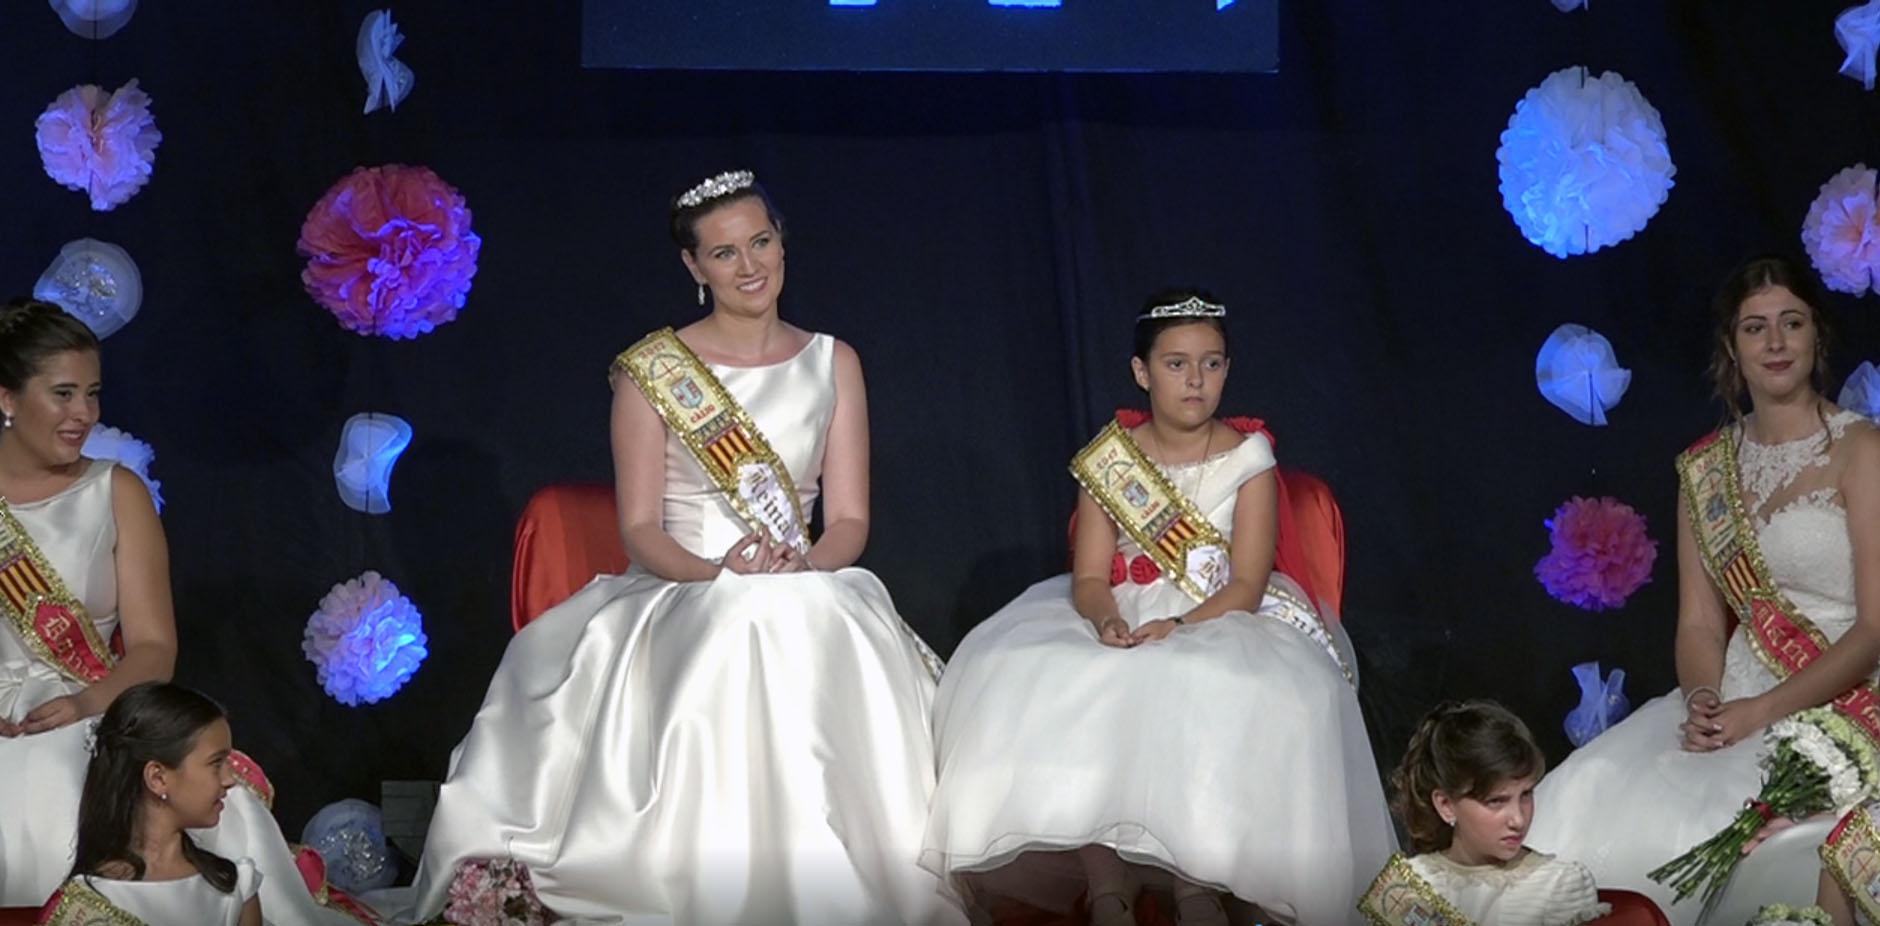 Càlig, comencen les Festes Patronals 2017 amb la presentació de les reines i la Cort d'Honor